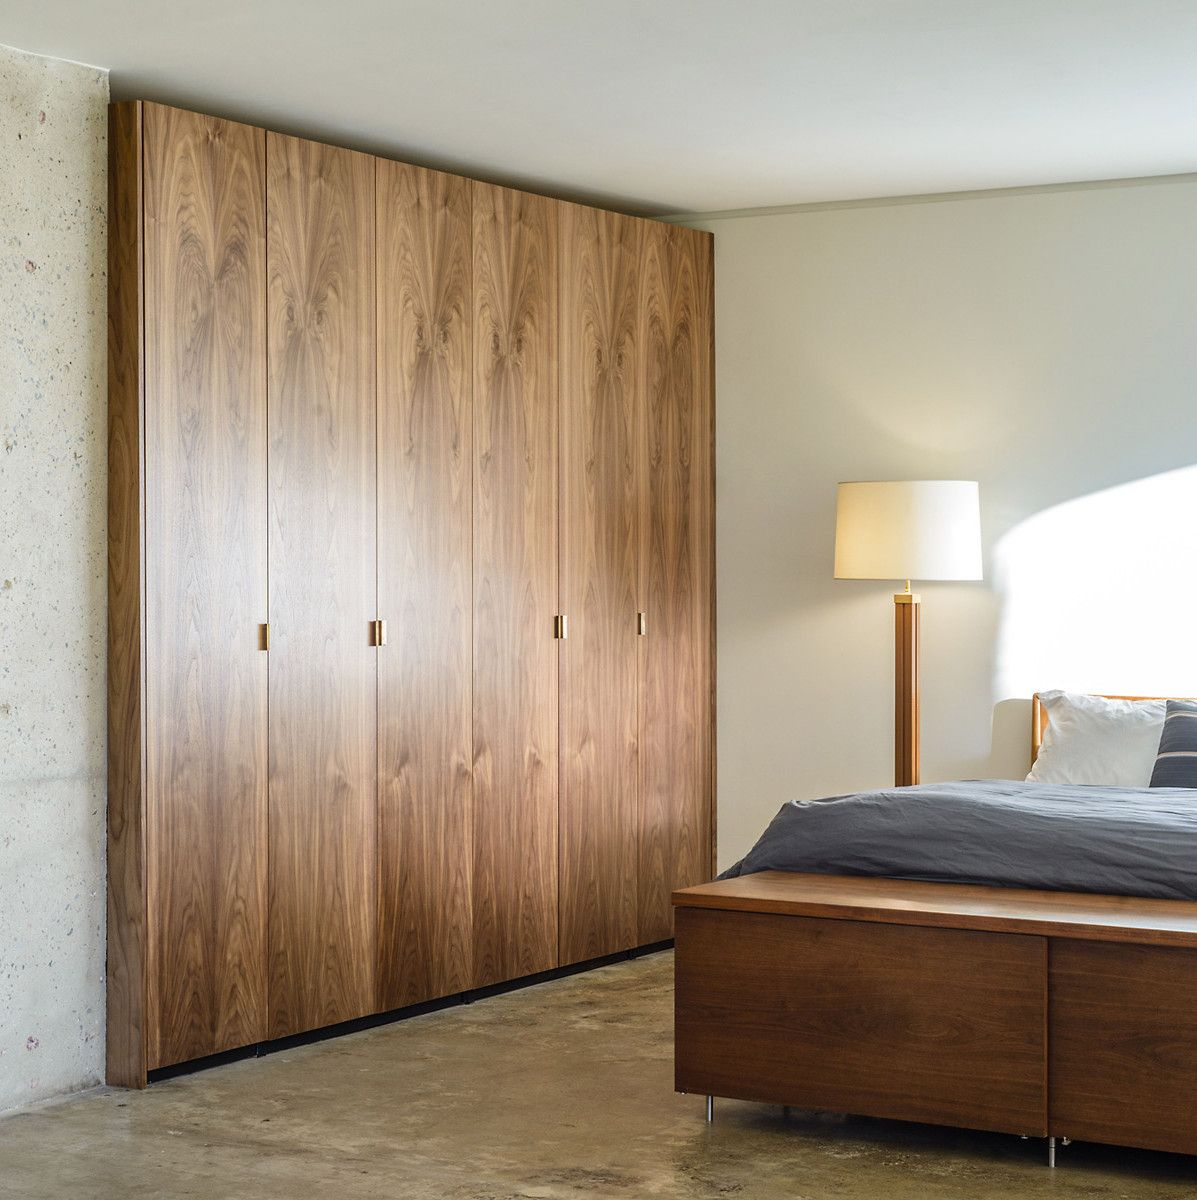 Semihandmade Walnut Pax Doors Ikea closet doors, Ikea